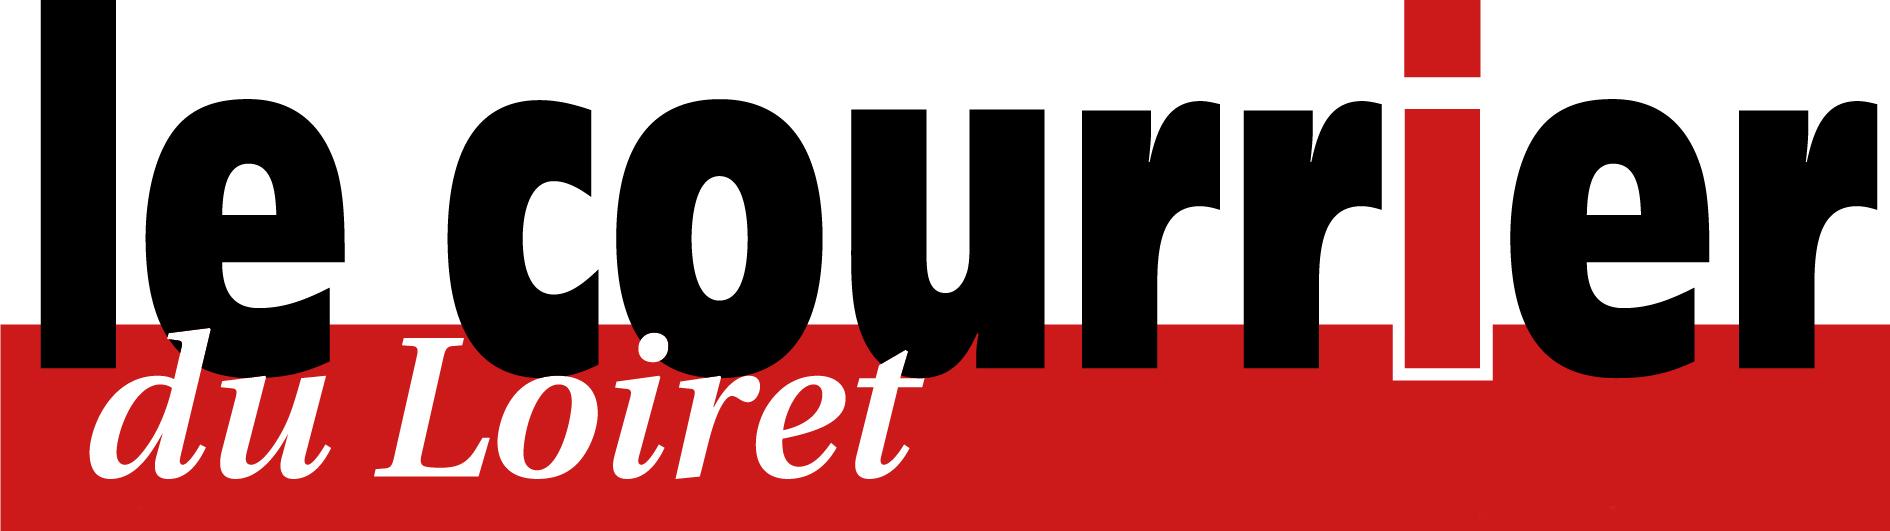 Logo lecourrierduloiret